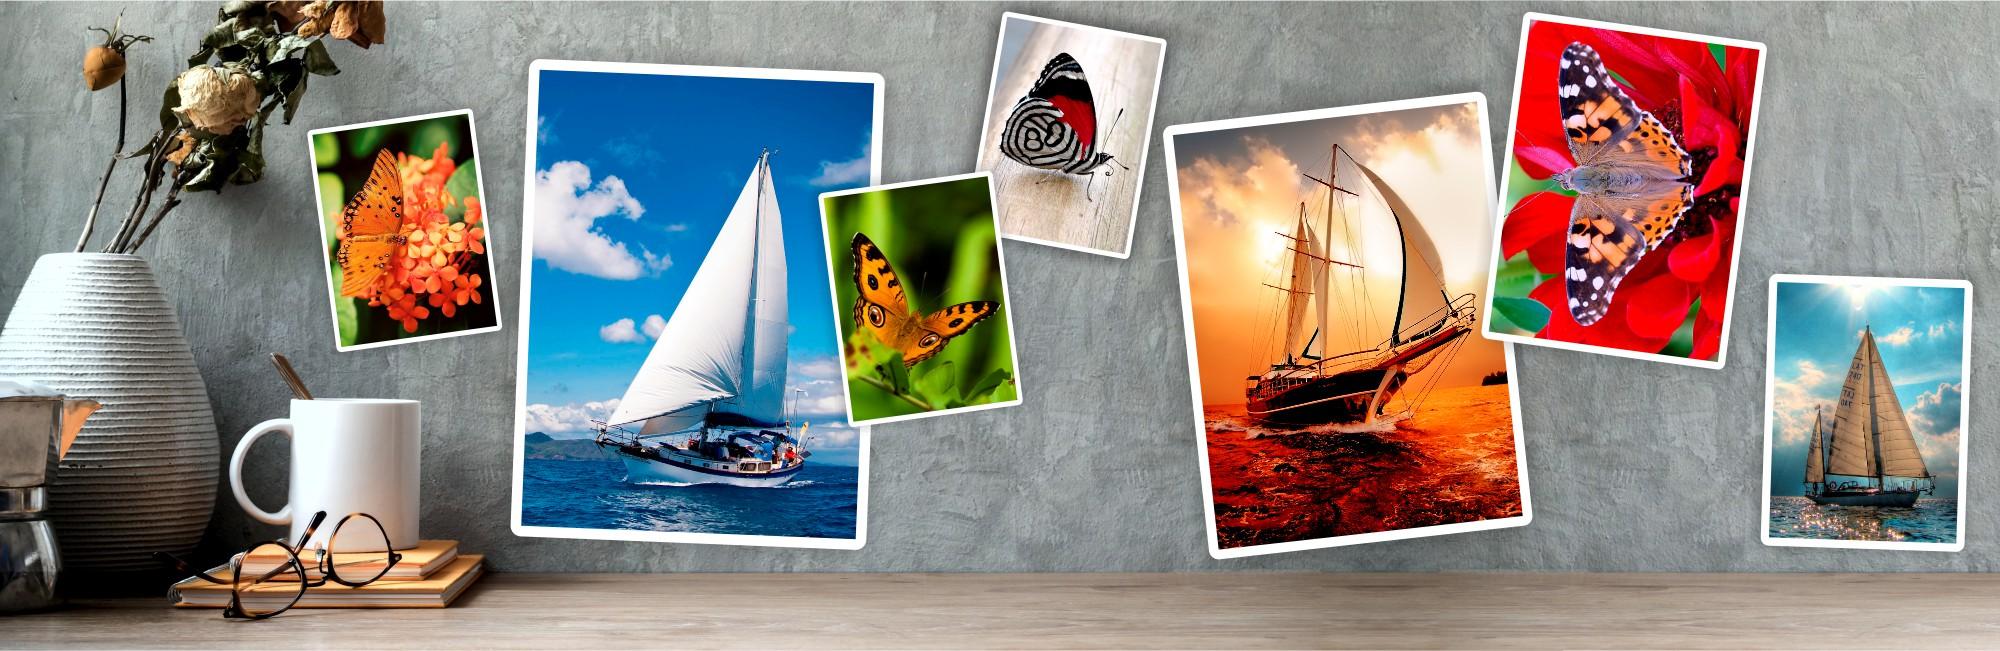 Afișe publicitare de exterior cu diferite dimensiuni pentru promovare, decorare, informare sau prezentare. Print rezistent la apă și radiațiile solare UV. Livrare rapidă prin curier.